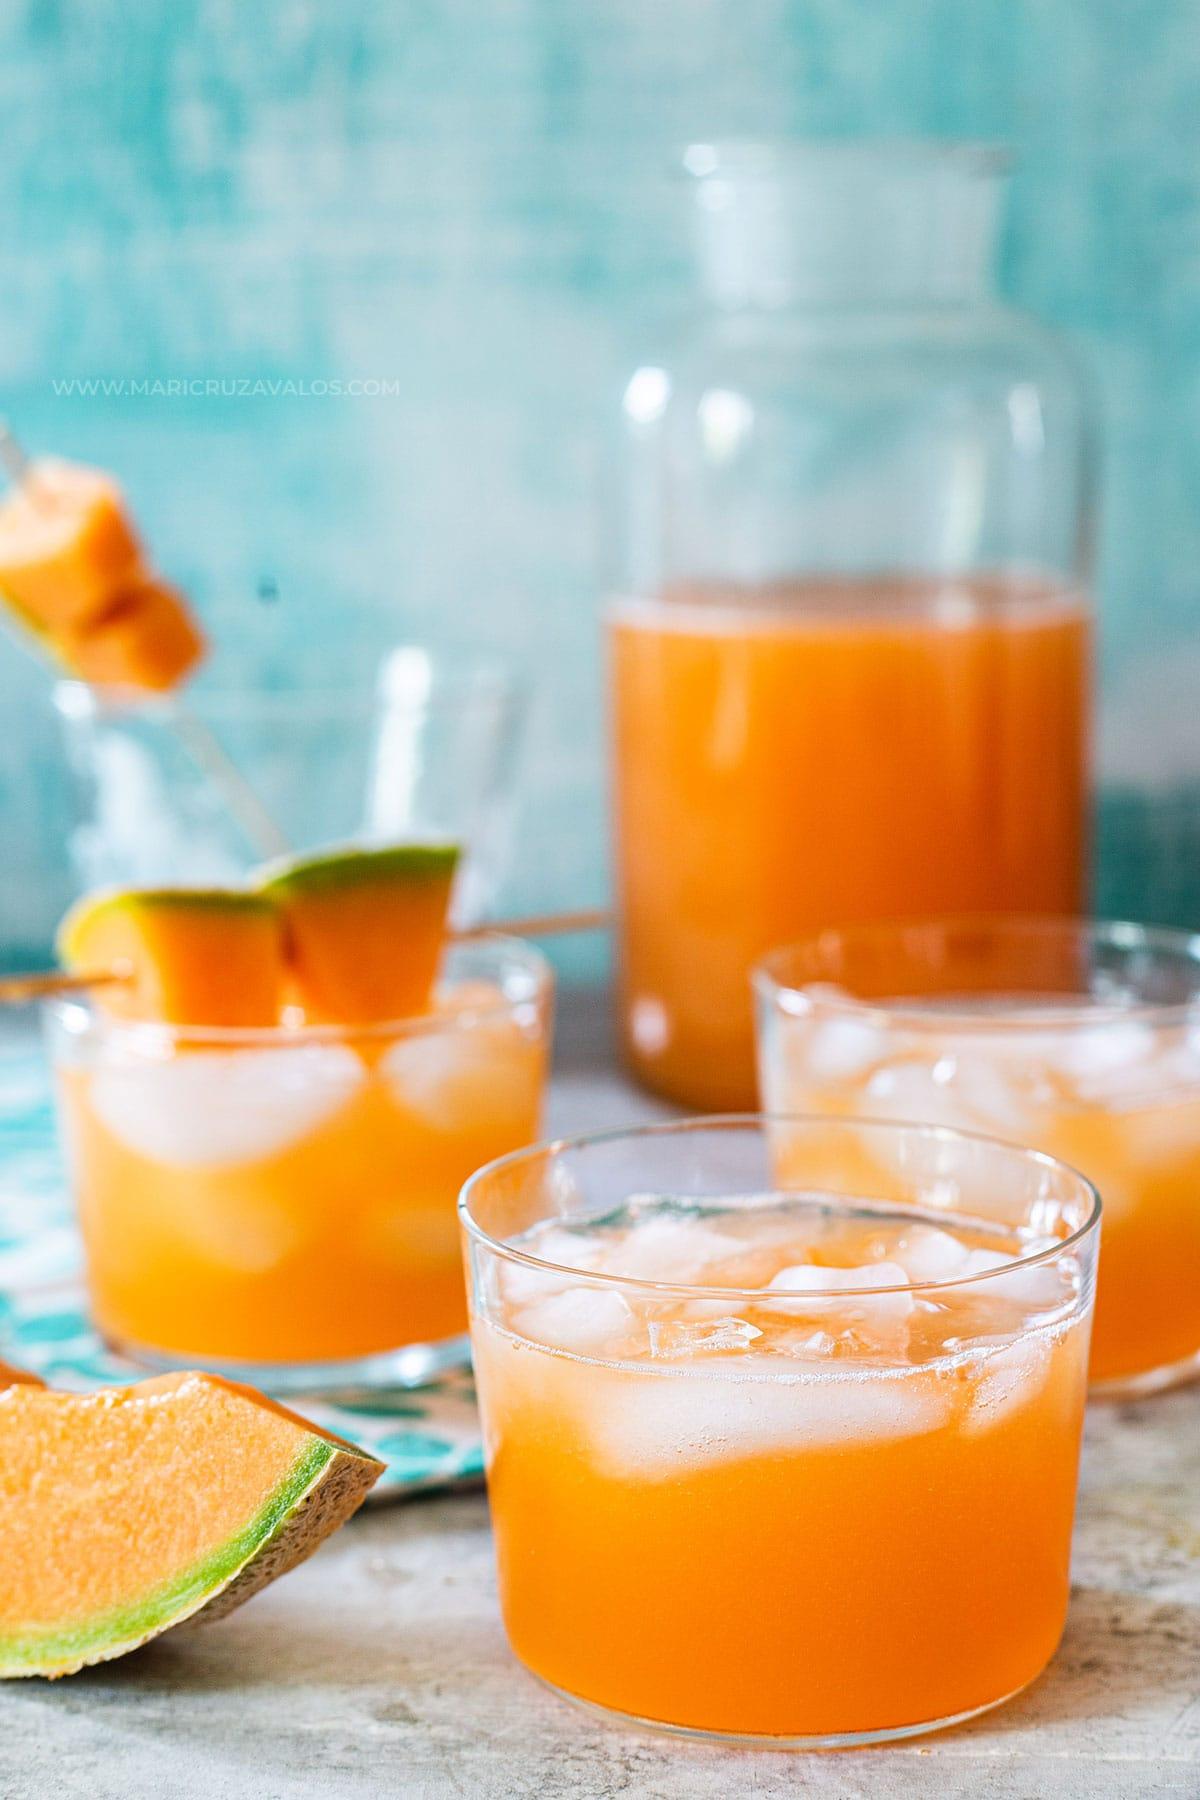 Agua de melon (melon water) served in glasses over ice.